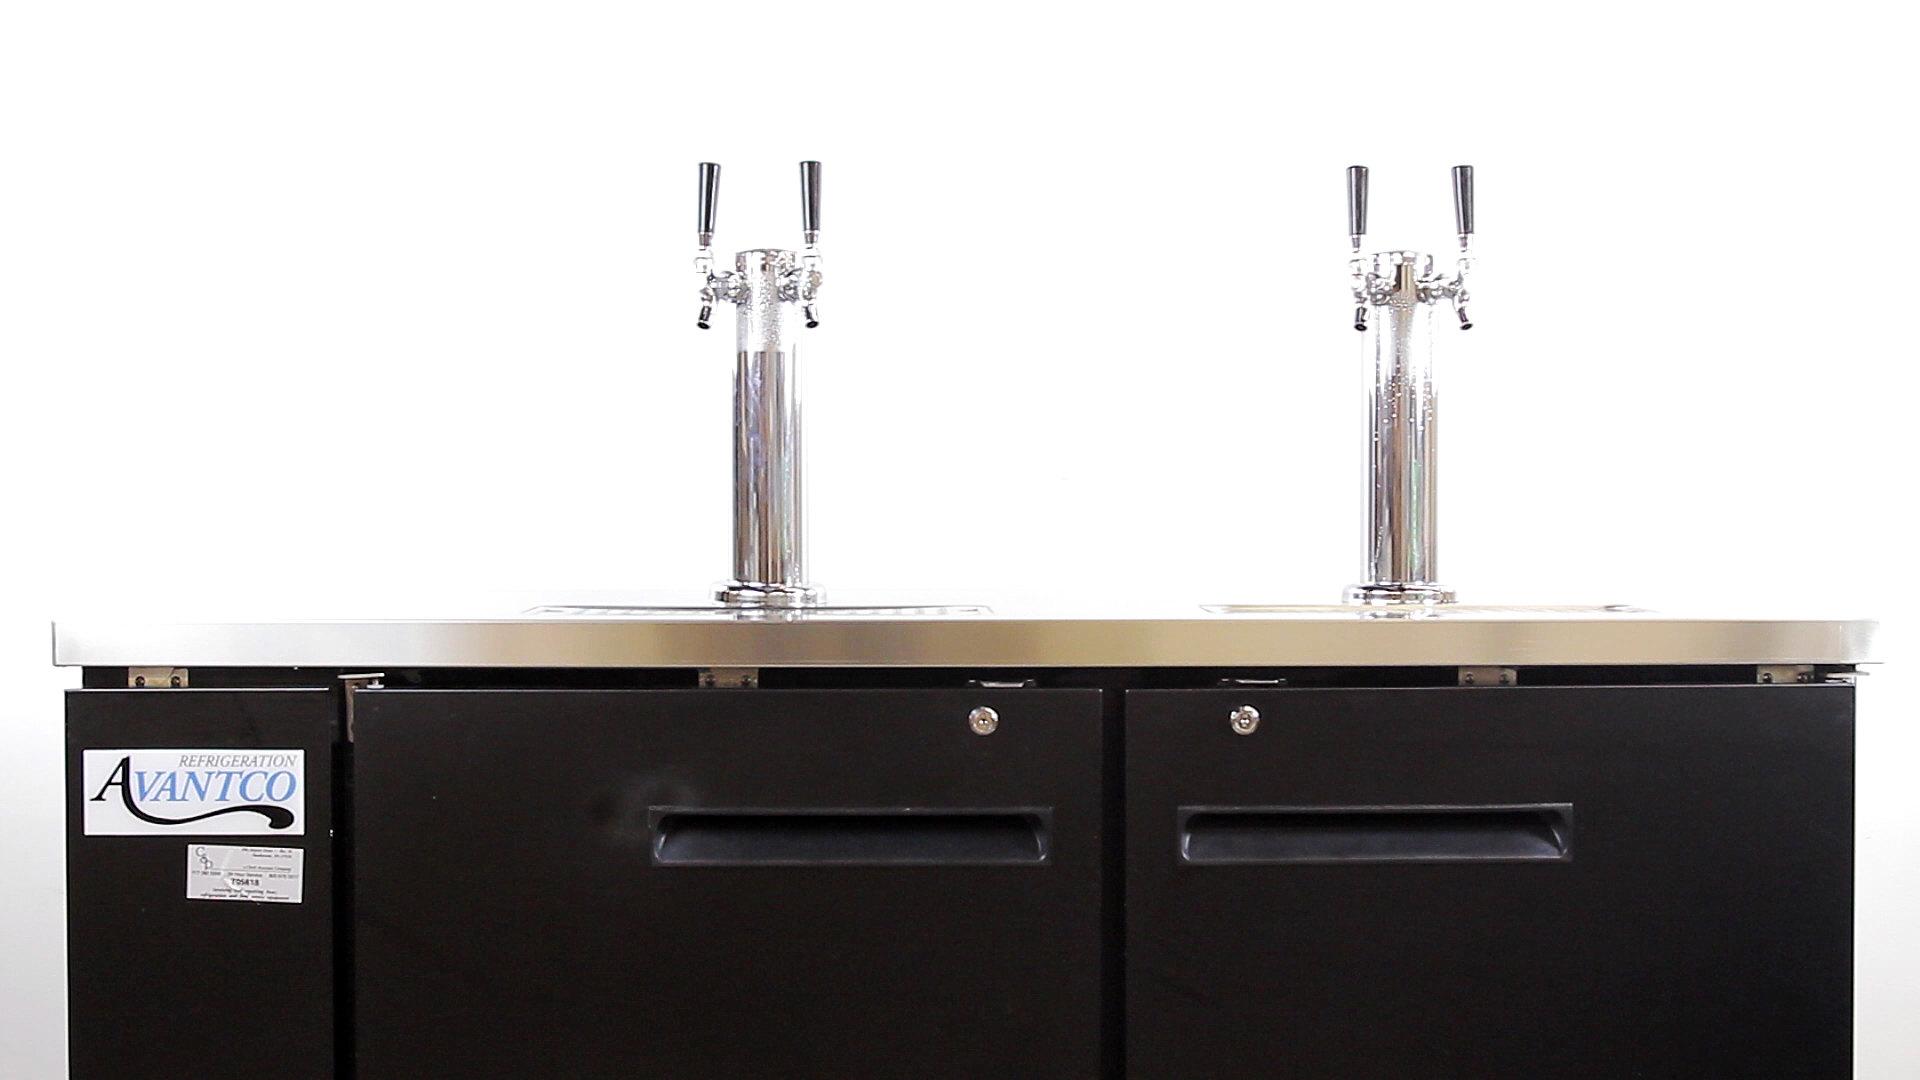 Avantco UDD-24-60 Beer Dispenser - WebstaurantStore TV Video